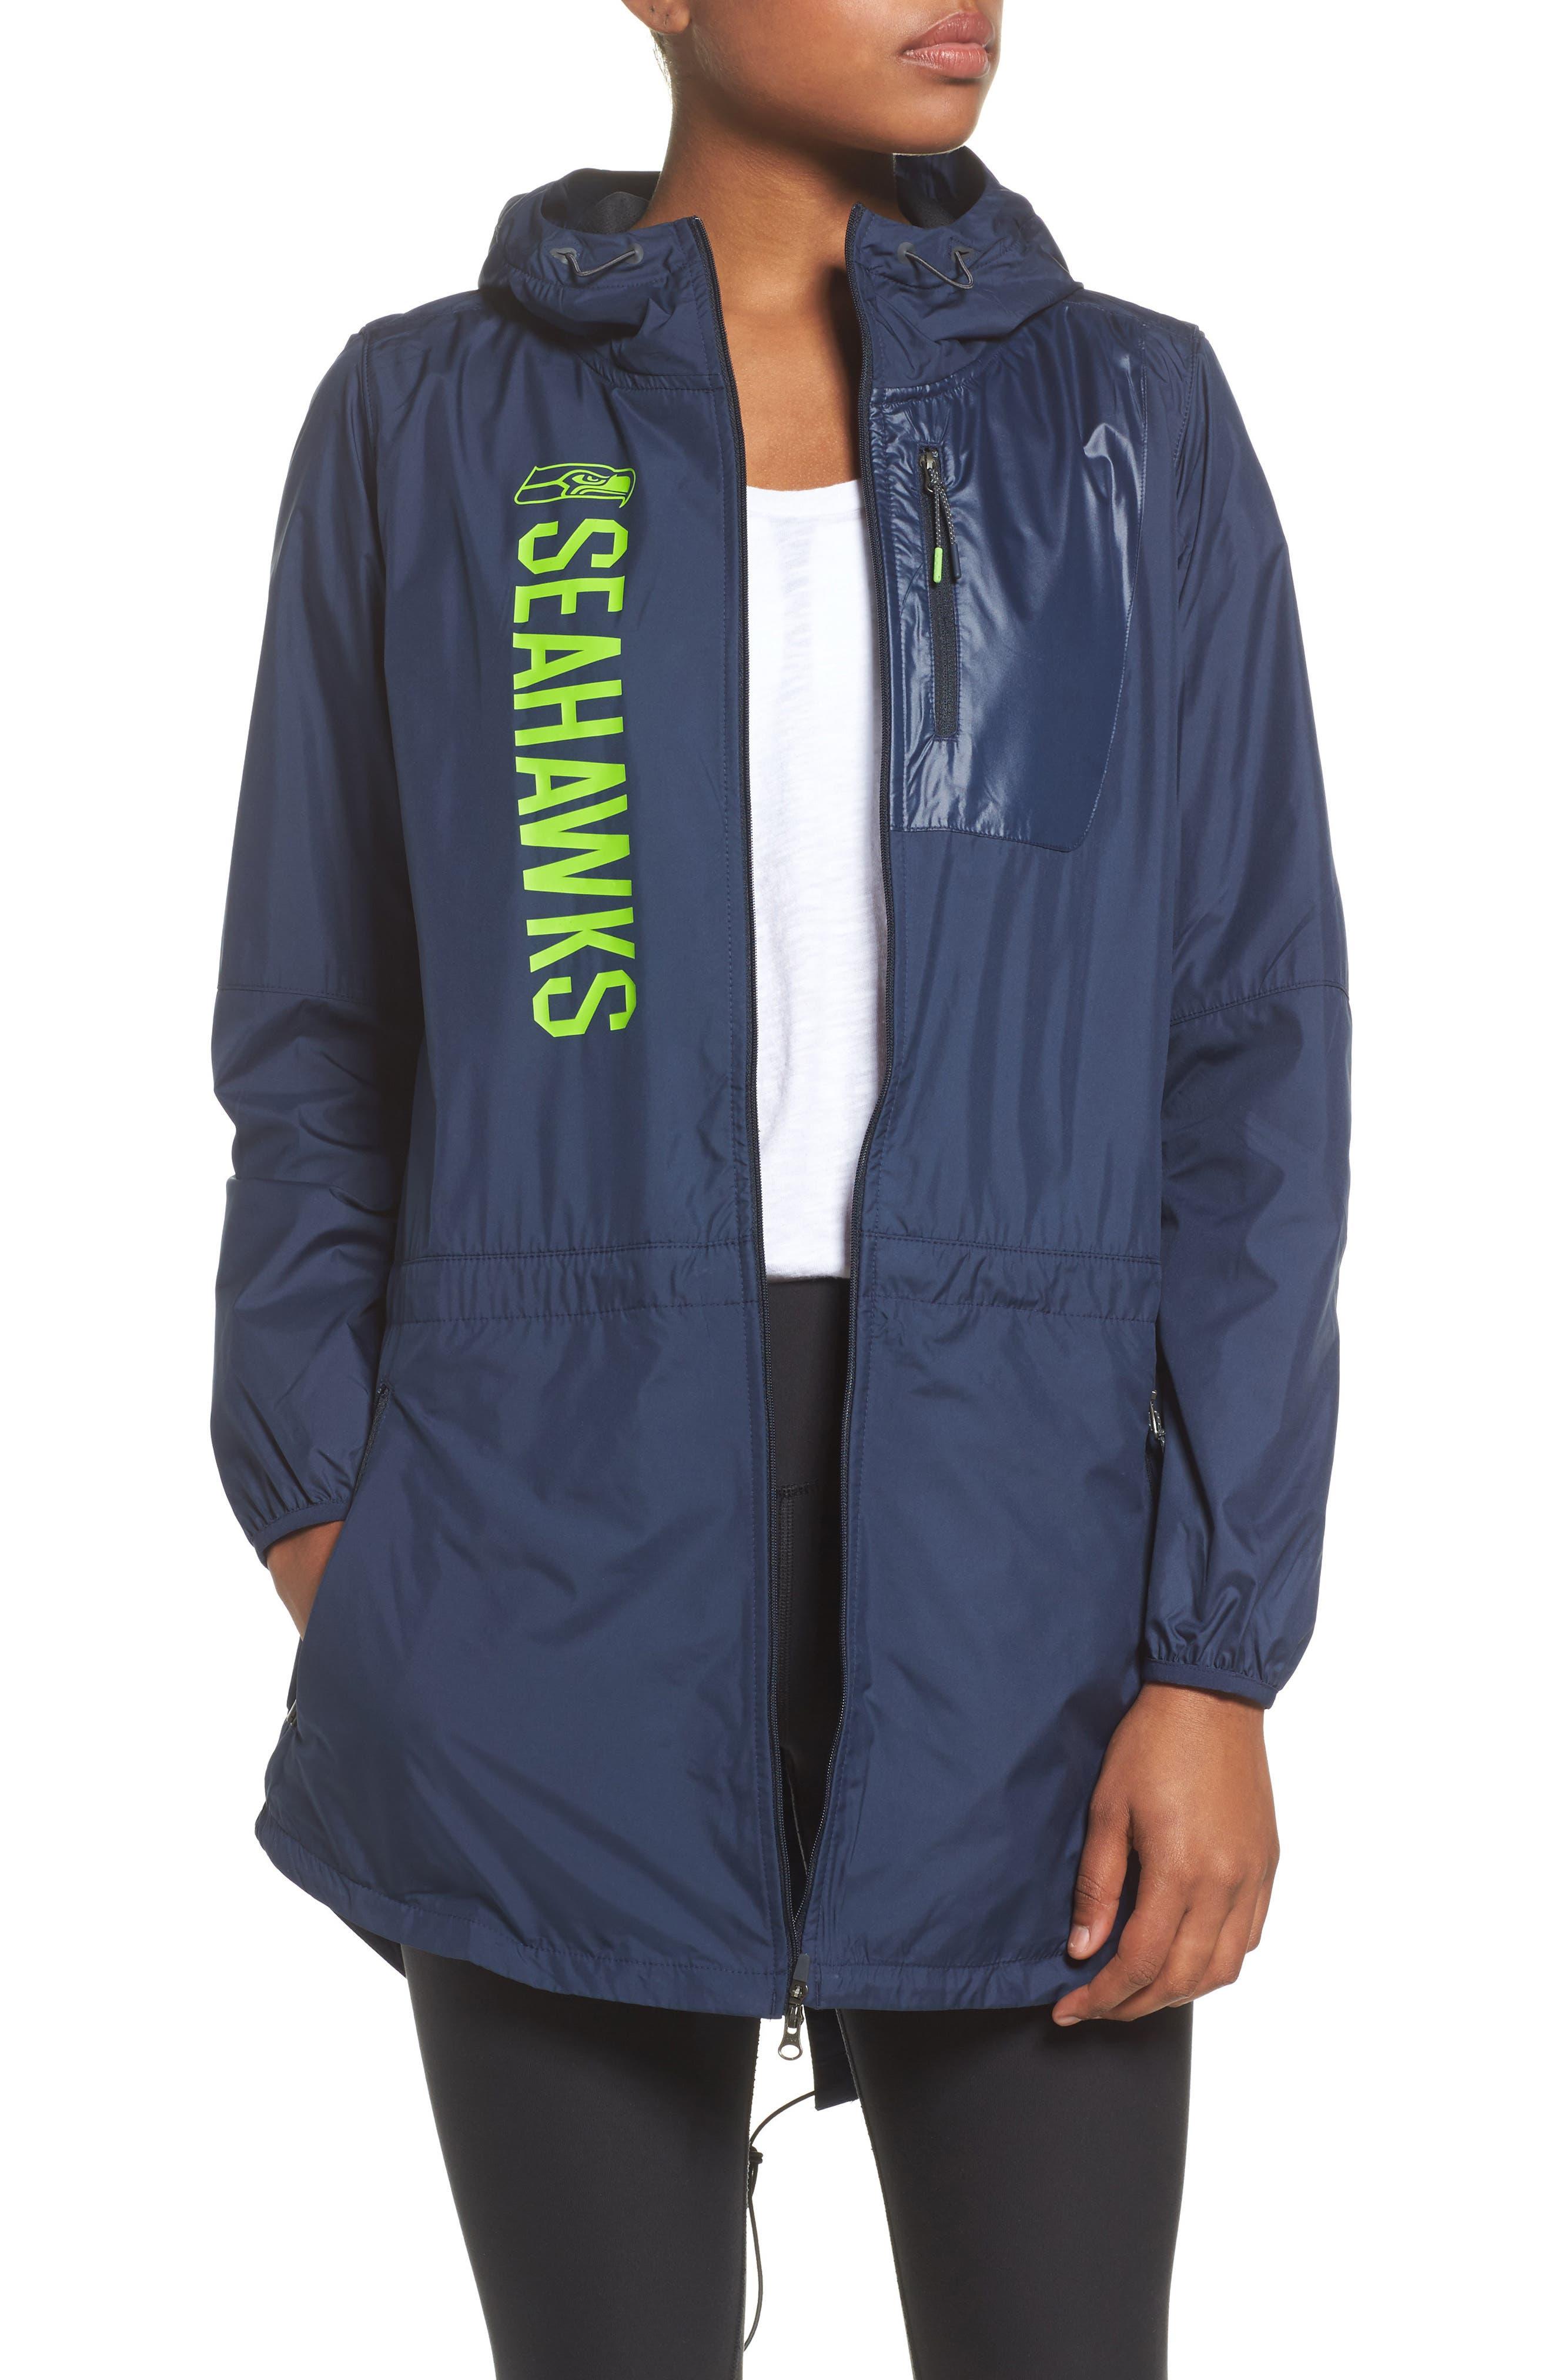 Main Image - Nike NFL Packable Water Resistant Jacket